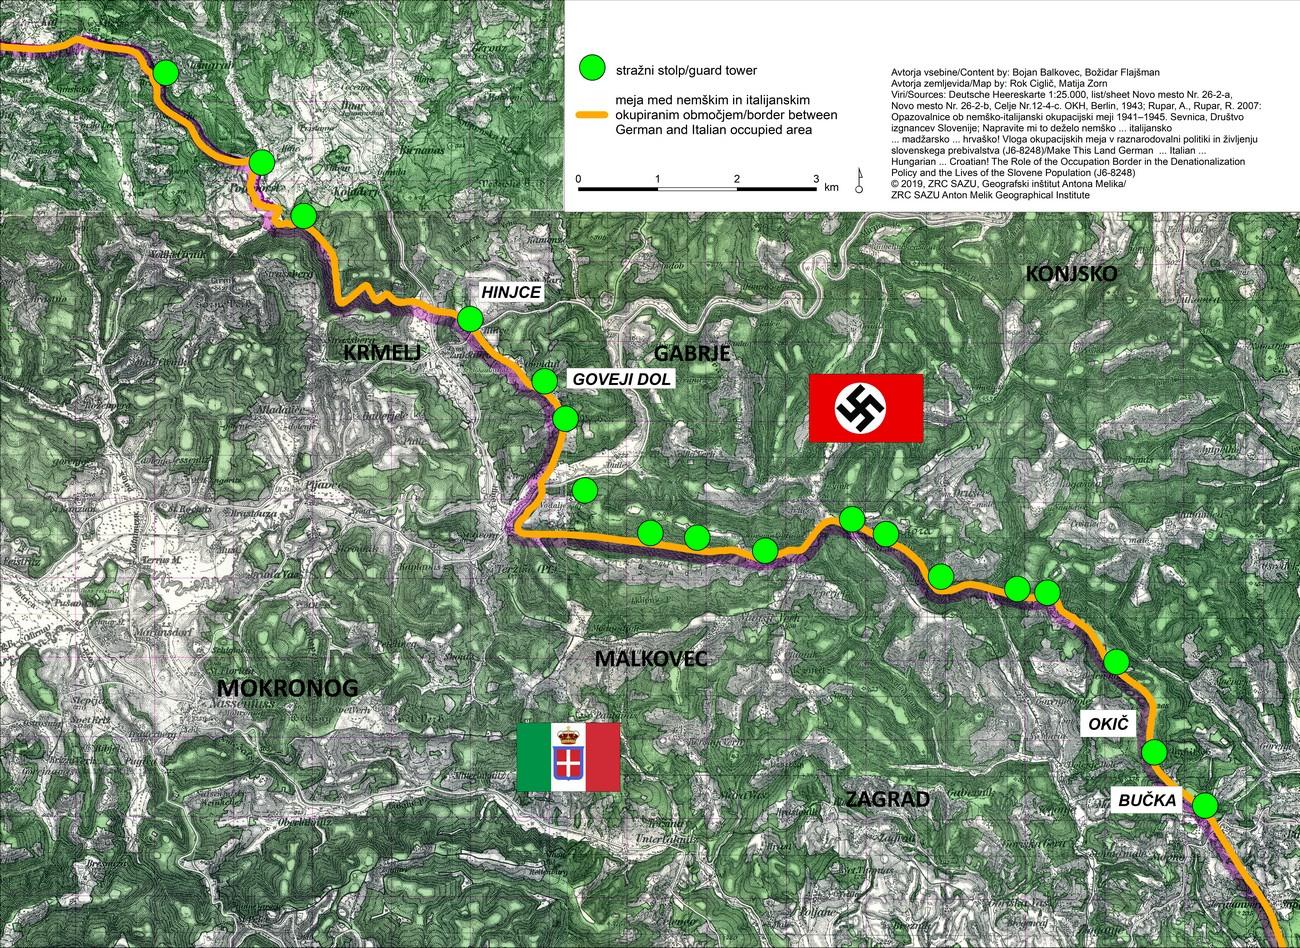 Del Dolenjske na originalnem nemškem zemljevidu z označeno okupacijsko mejo med Nemčijo in Italijo. Dodatno smo označili lokacije nemških stražnih stolpov, ki so bili postavljeni na strateških točkah tik ob meji. Betonski temelji stražnih stolpov so v celoti ohranjeni na Bučki, hribu Okič in Hinjcah, delno pa v Govejem Dolu in še ponekod.